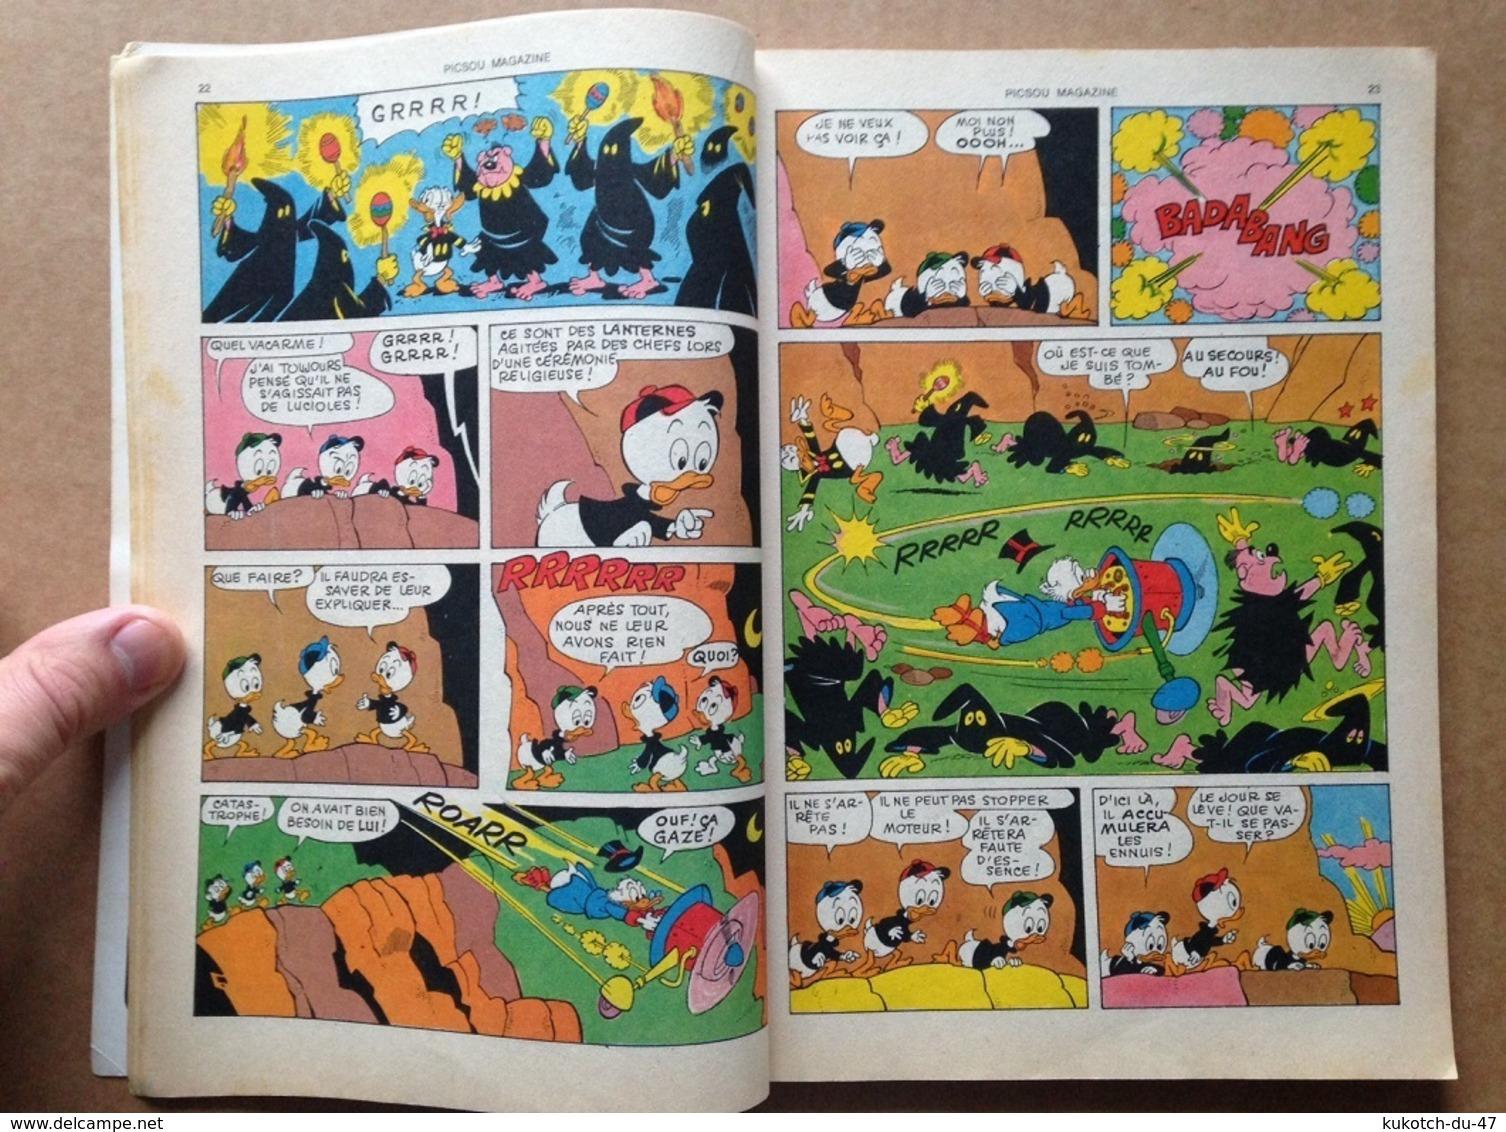 Disney - Picsou Magazine - Année 1976 - N°52 (avec Grand Défaut D'usure) - Picsou Magazine